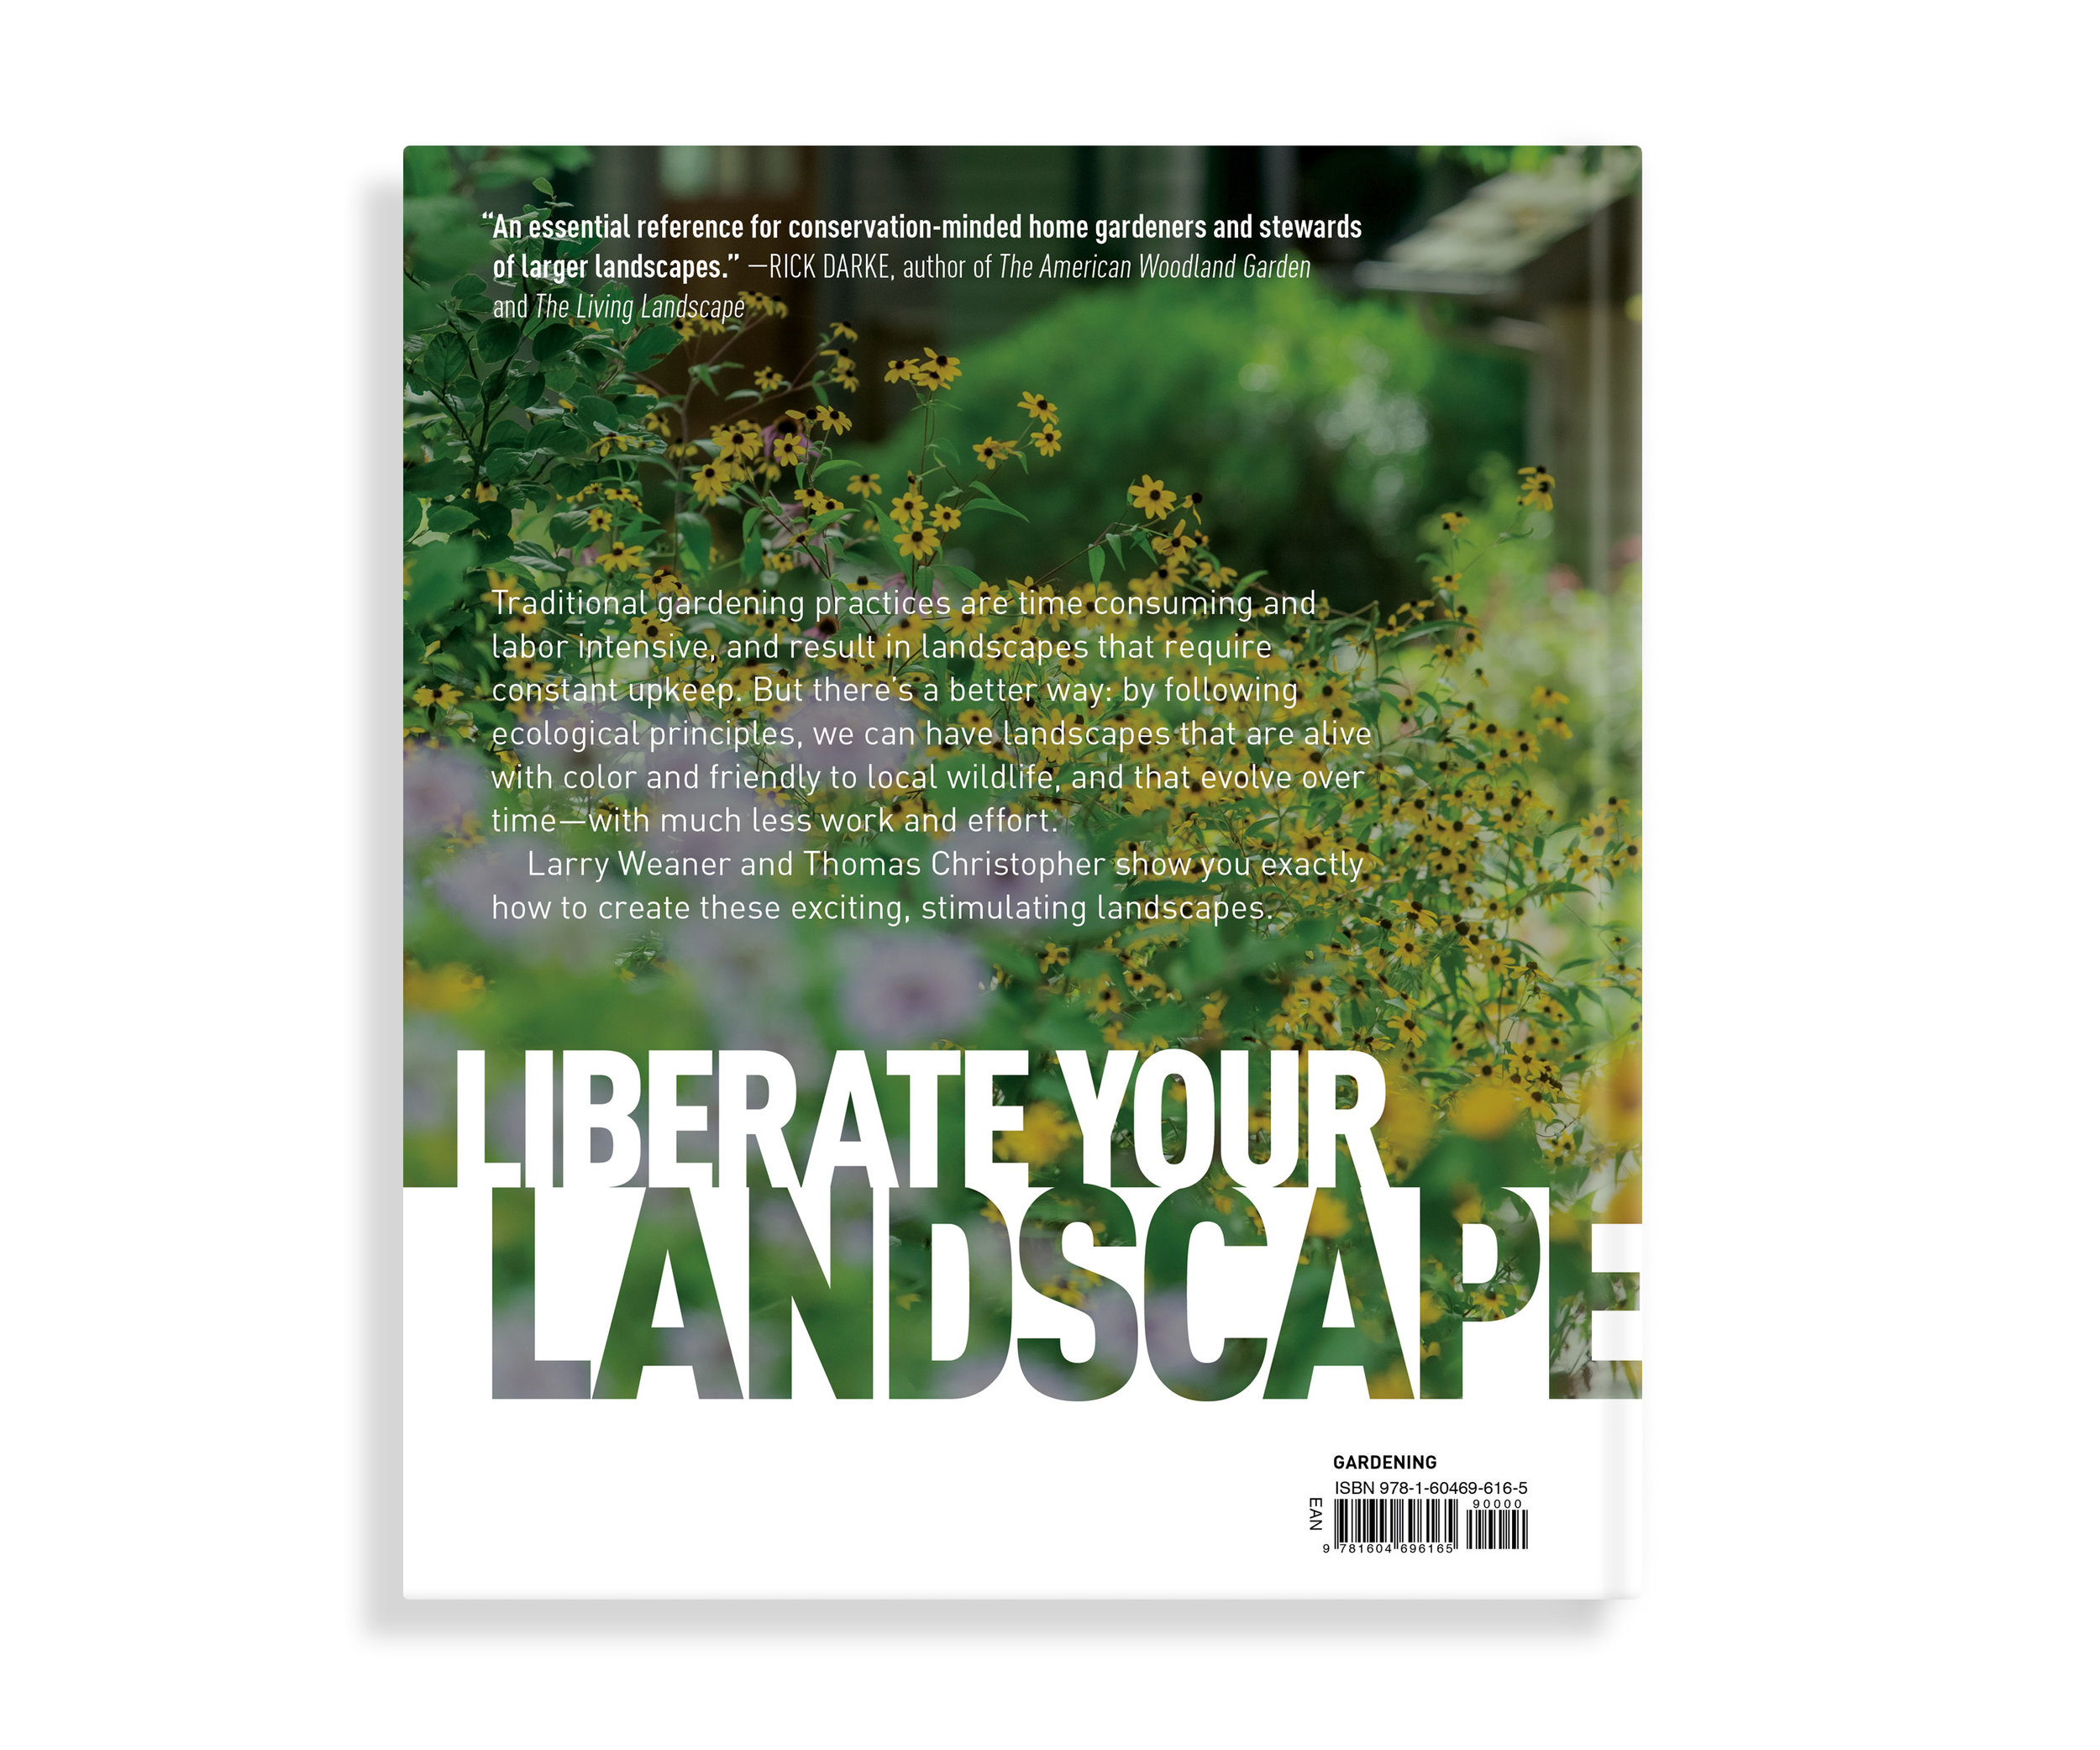 book_gardenrevolution_cover_003.jpg